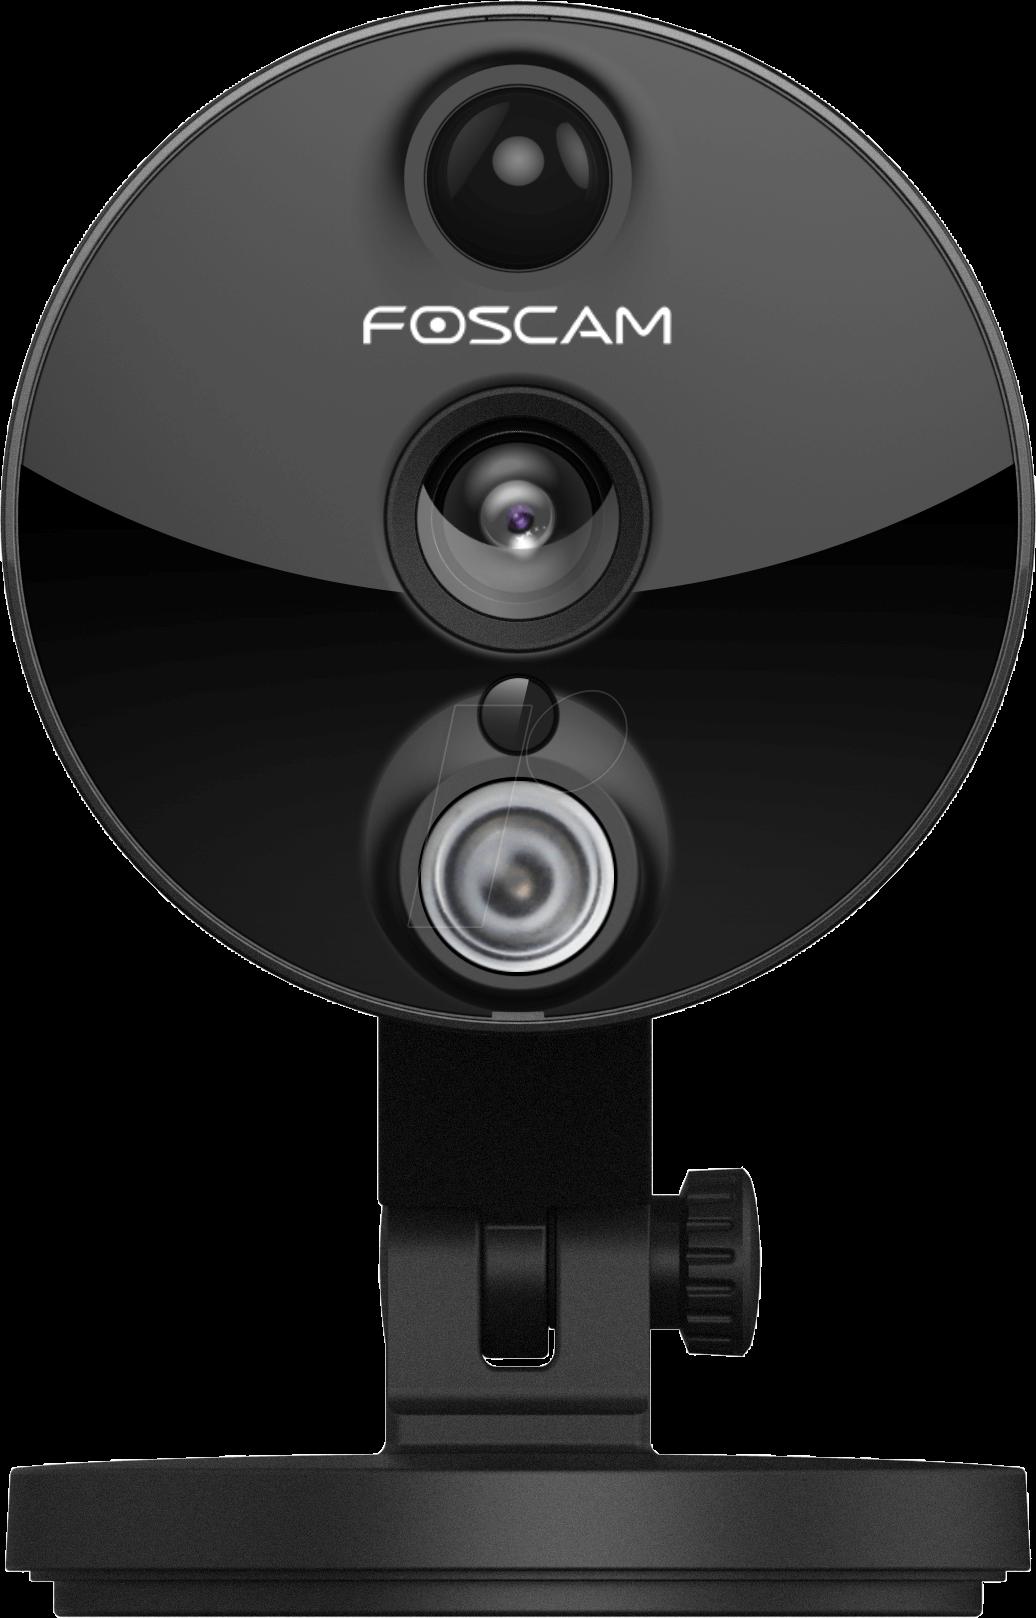 foscam c2 sw berwachungskamera ip lan wlan innen bei reichelt elektronik. Black Bedroom Furniture Sets. Home Design Ideas